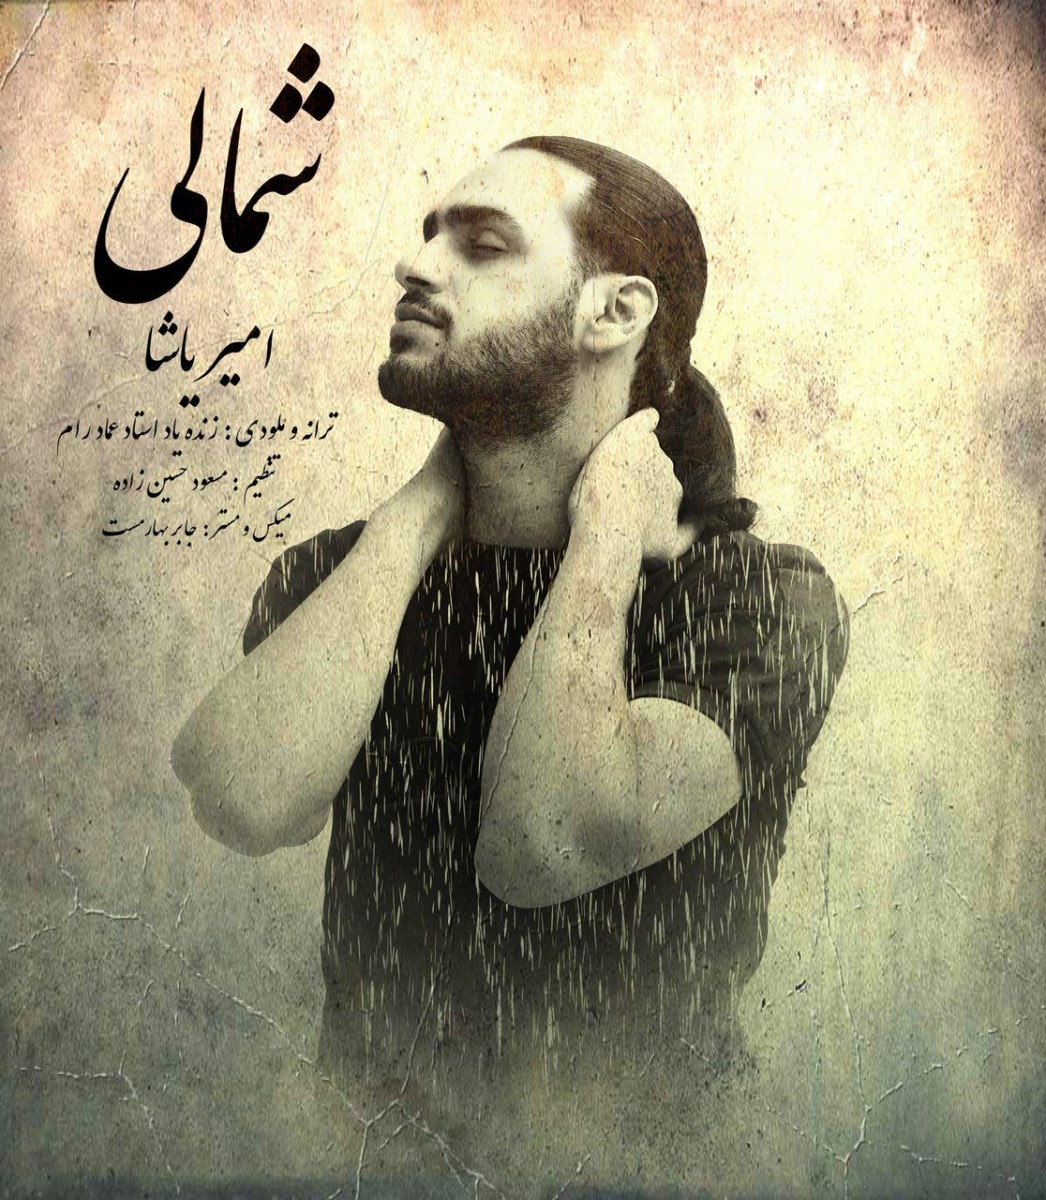 نامبر وان موزیک | دانلود آهنگ جدید amir-yasha